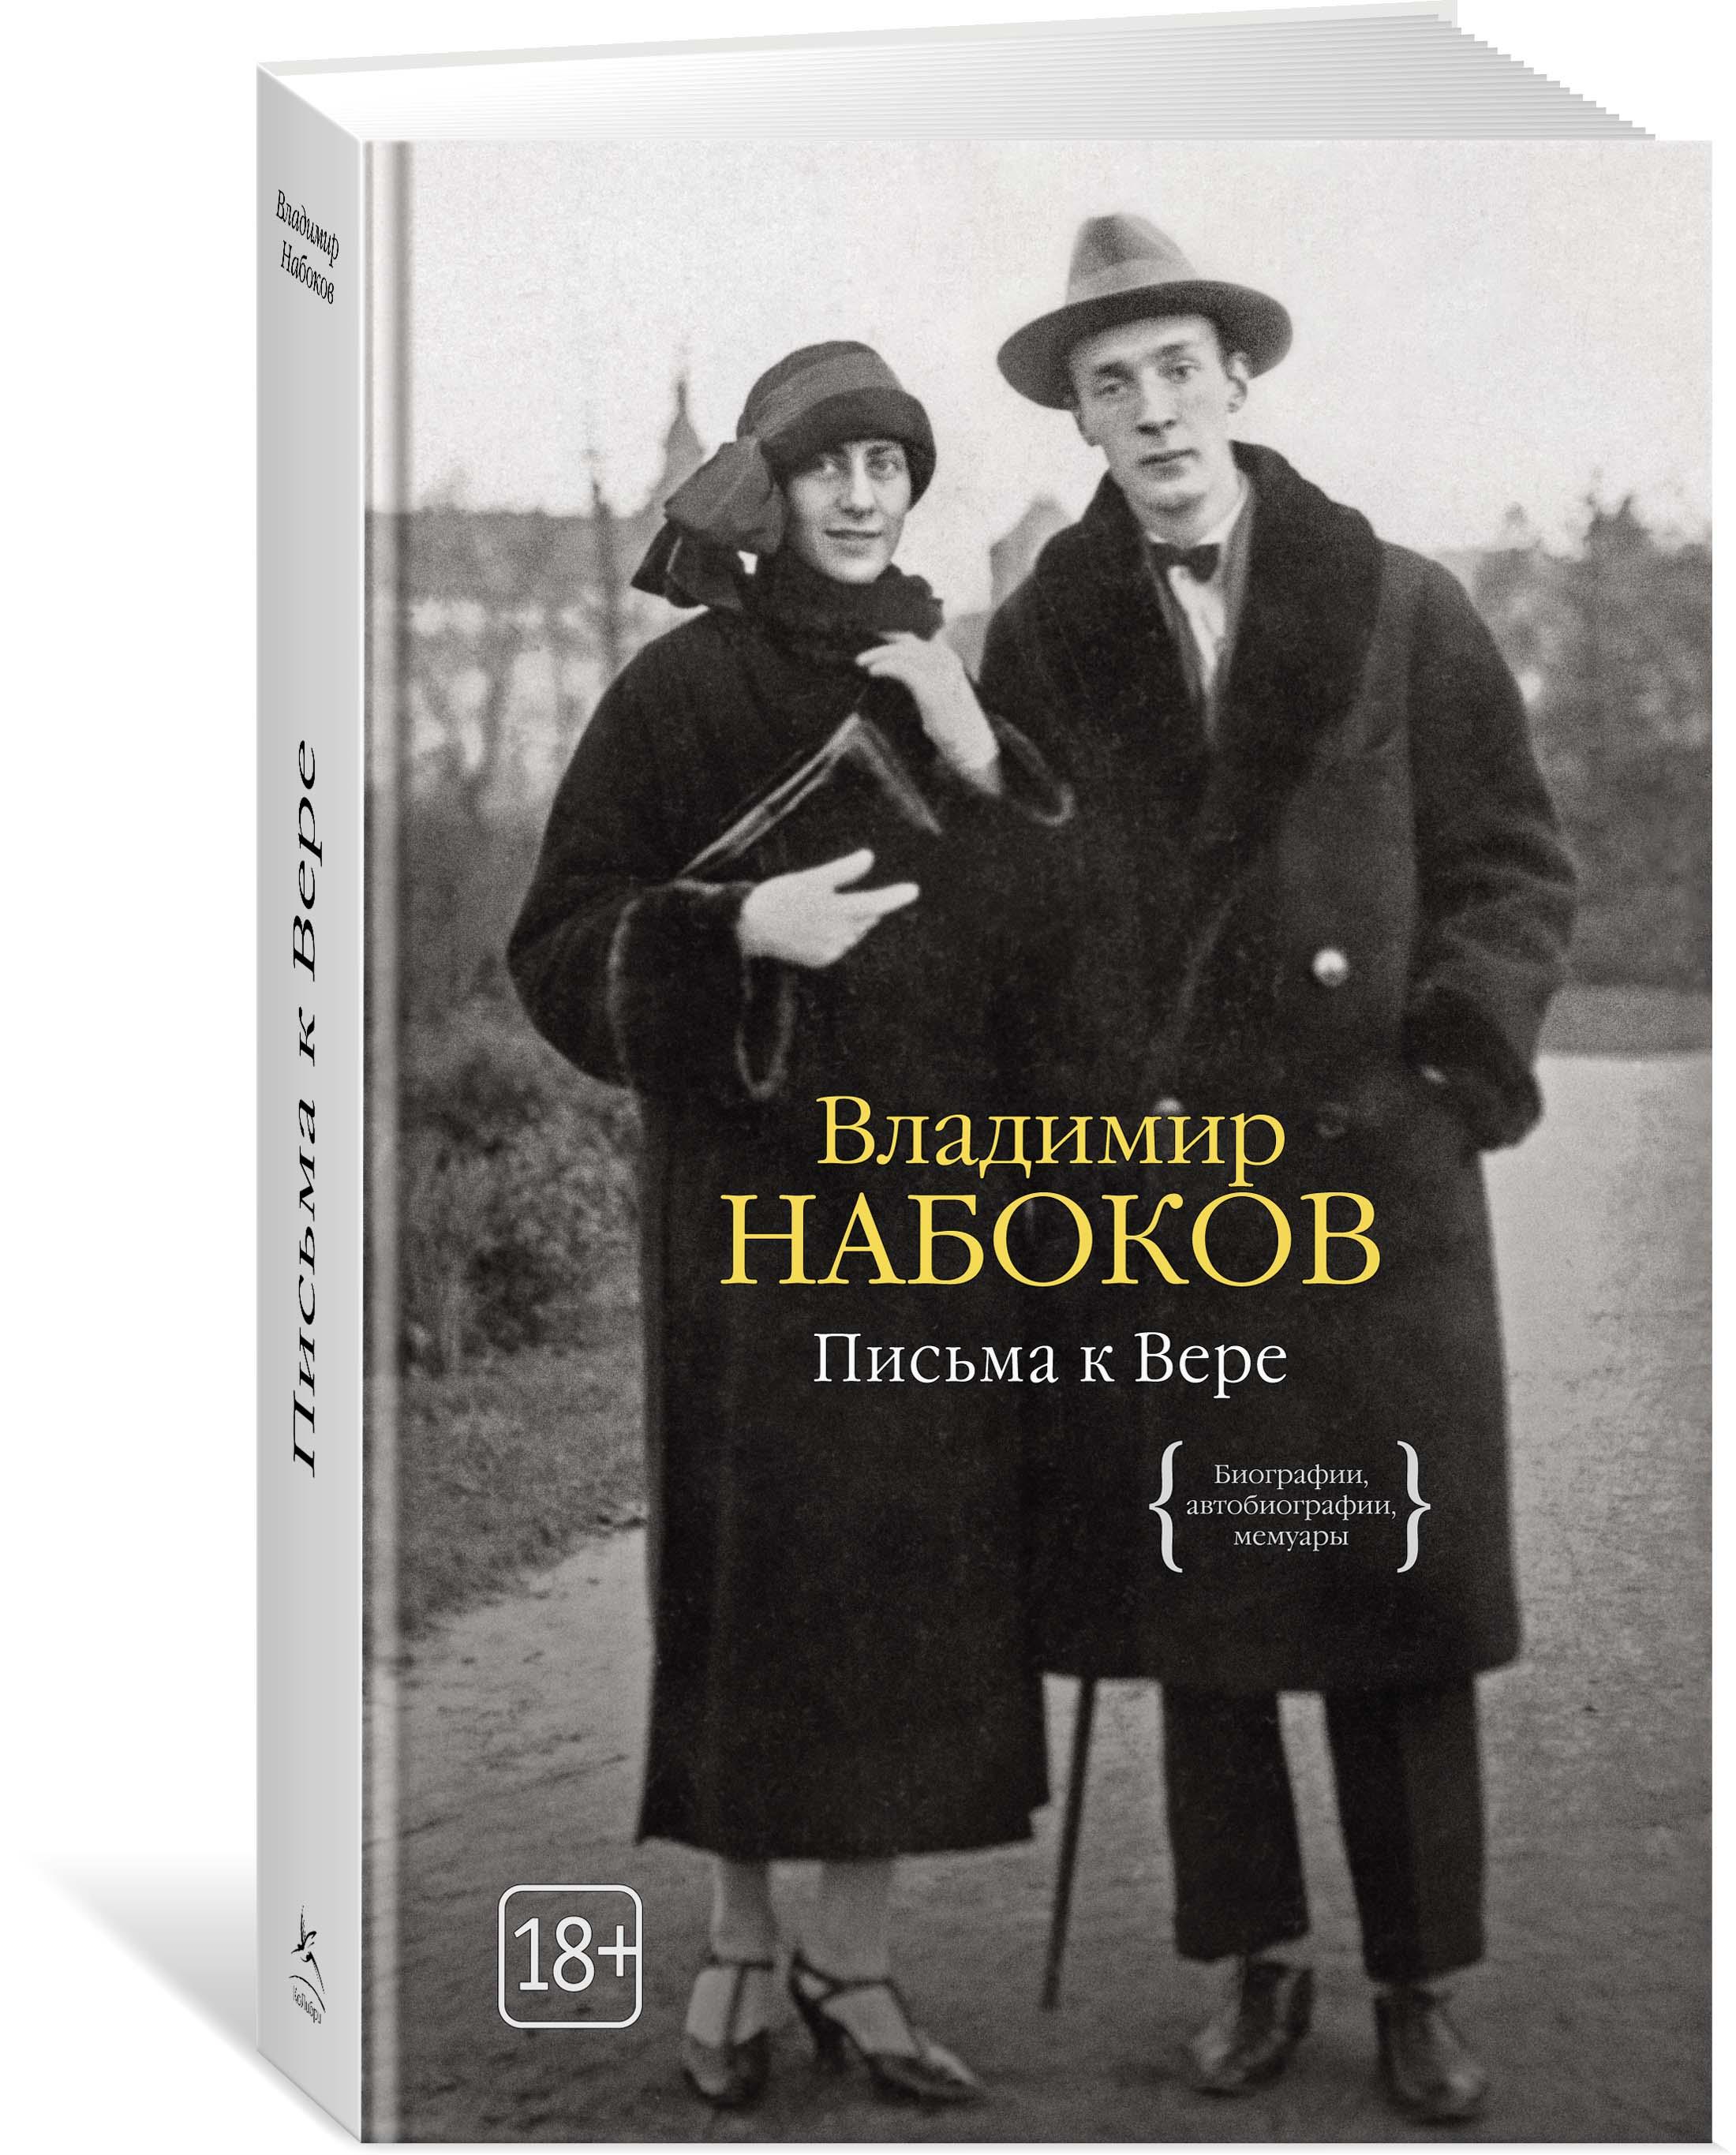 Владимир Набоков Письма к Вере гулькевич к письма к олафу броку 1916 1923